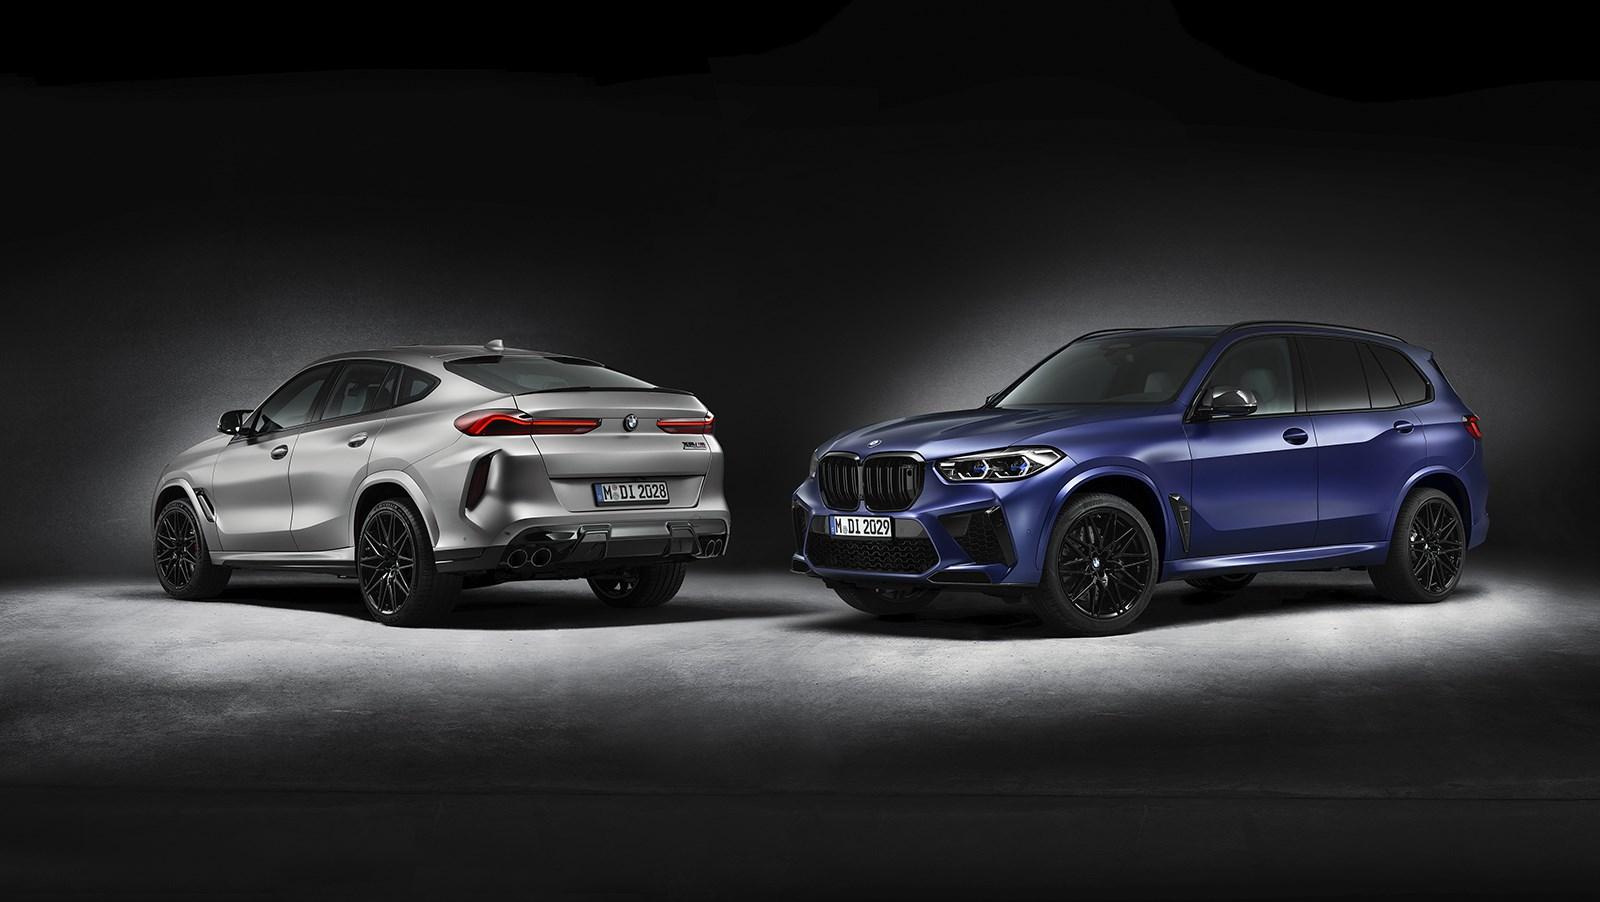 BMWがX5とX6 Mコンペティションに豪華仕様を設定。マットシルバーペイントが印象的